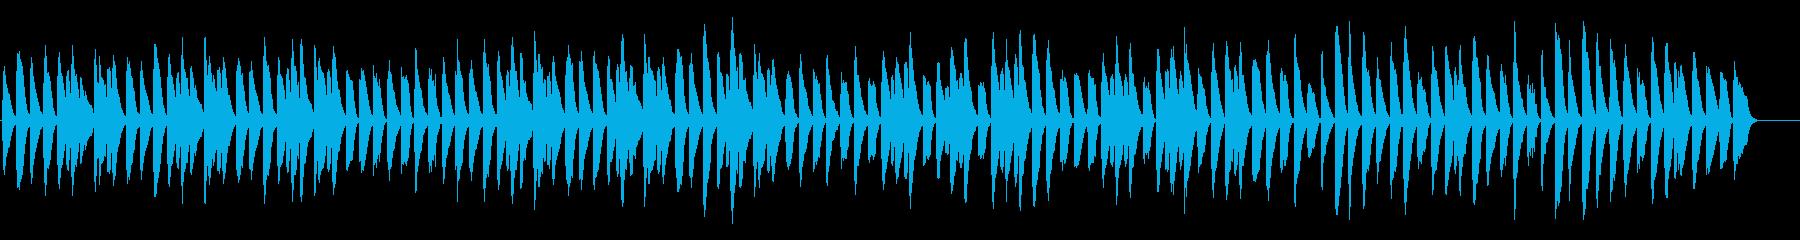 木琴とピアノのほのぼのした日常BGMの再生済みの波形